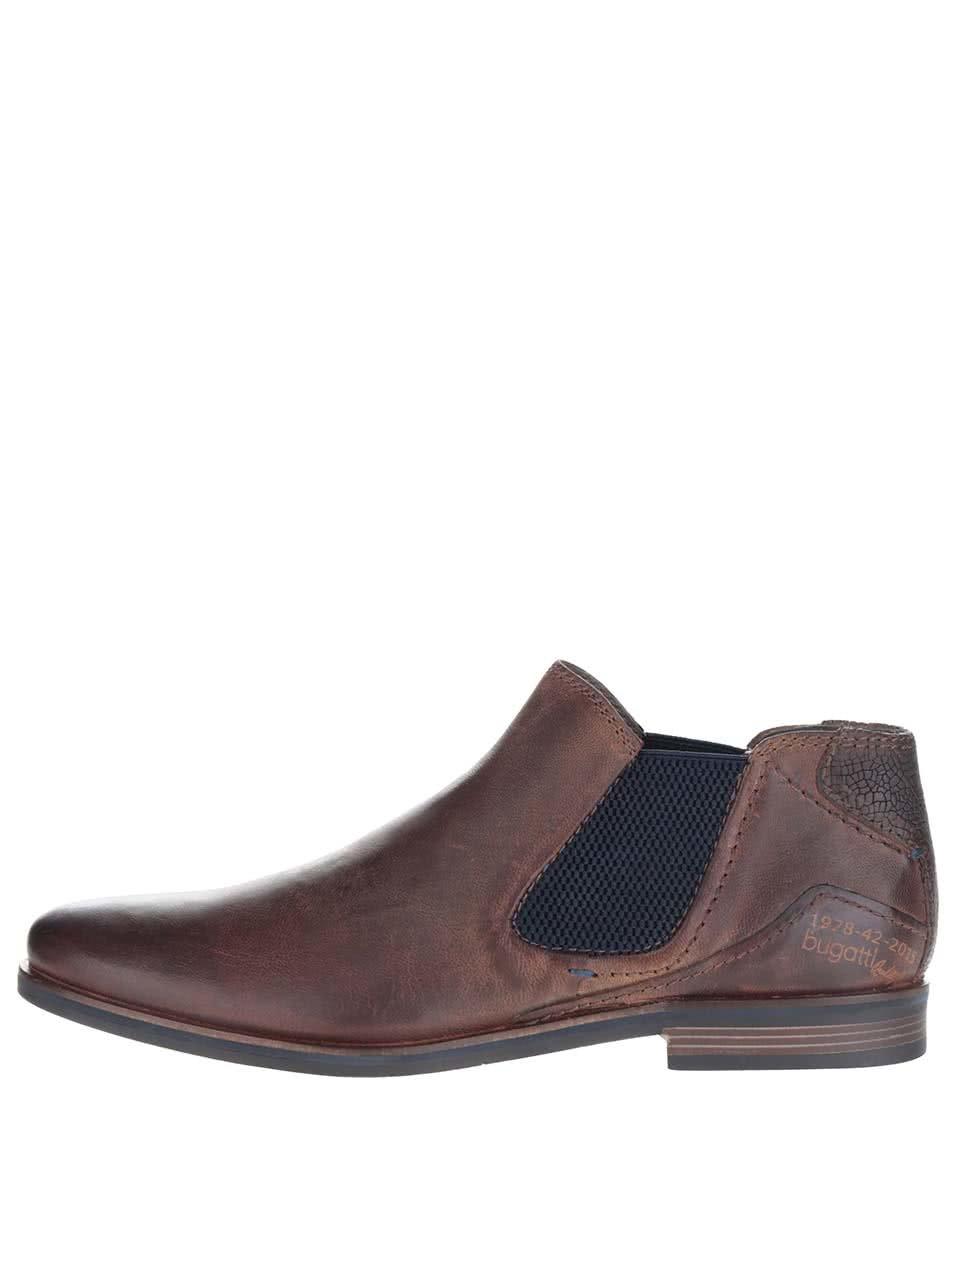 Tmavě hnědé pánské kožené kotníkové chelsea boty bugatti Abramo ... 8c563676e6